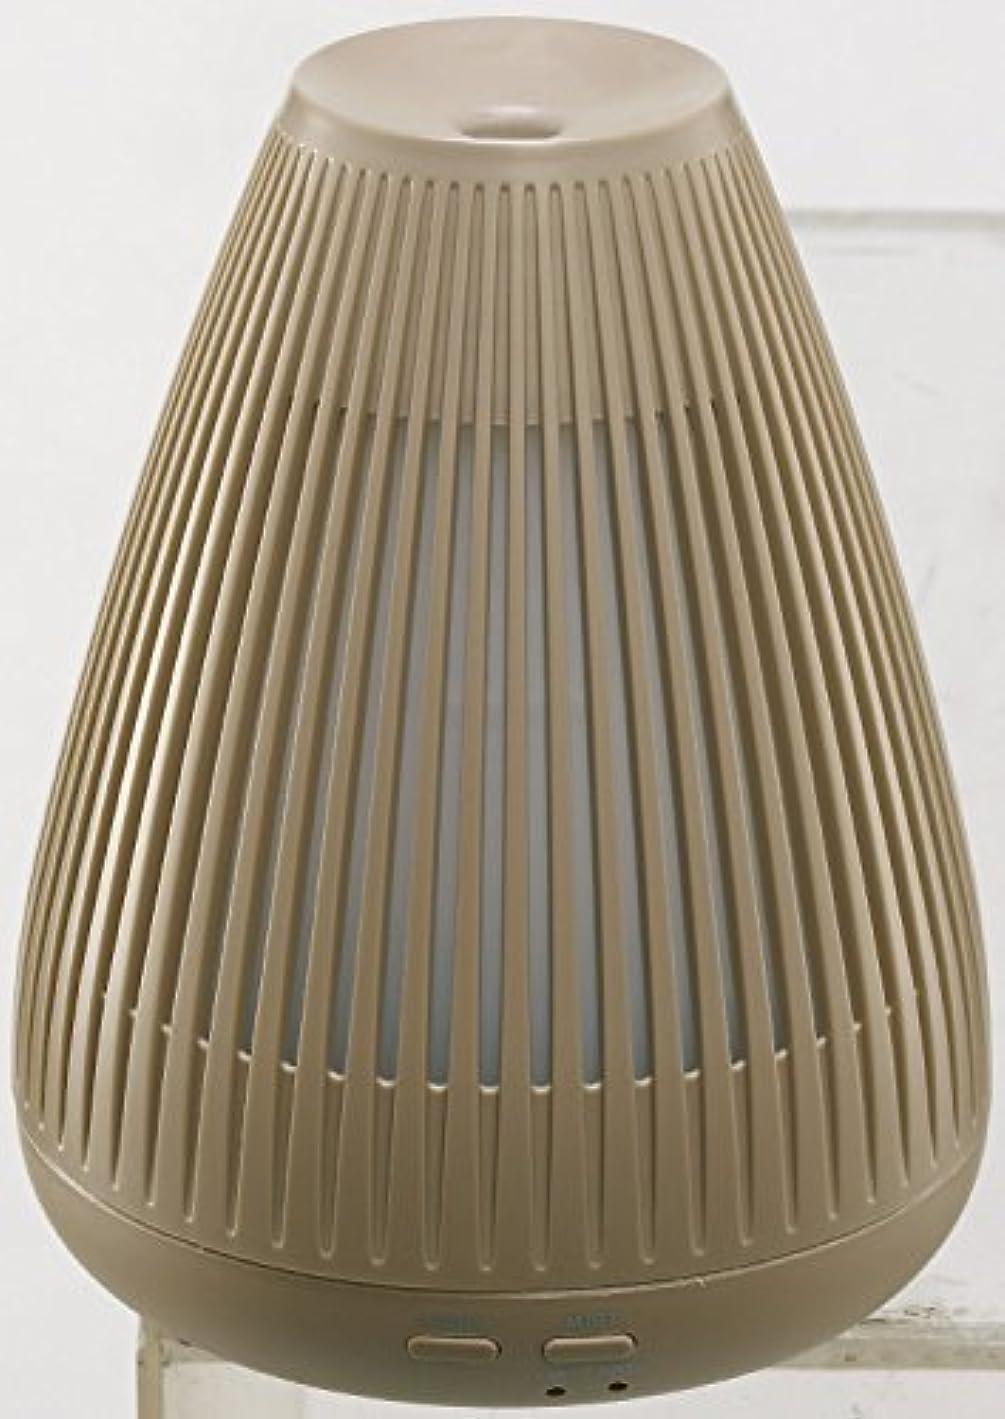 後世二層ペンダントムード 超音波アロマディフューザー ライトブラウン MOD-AM1102 LBR